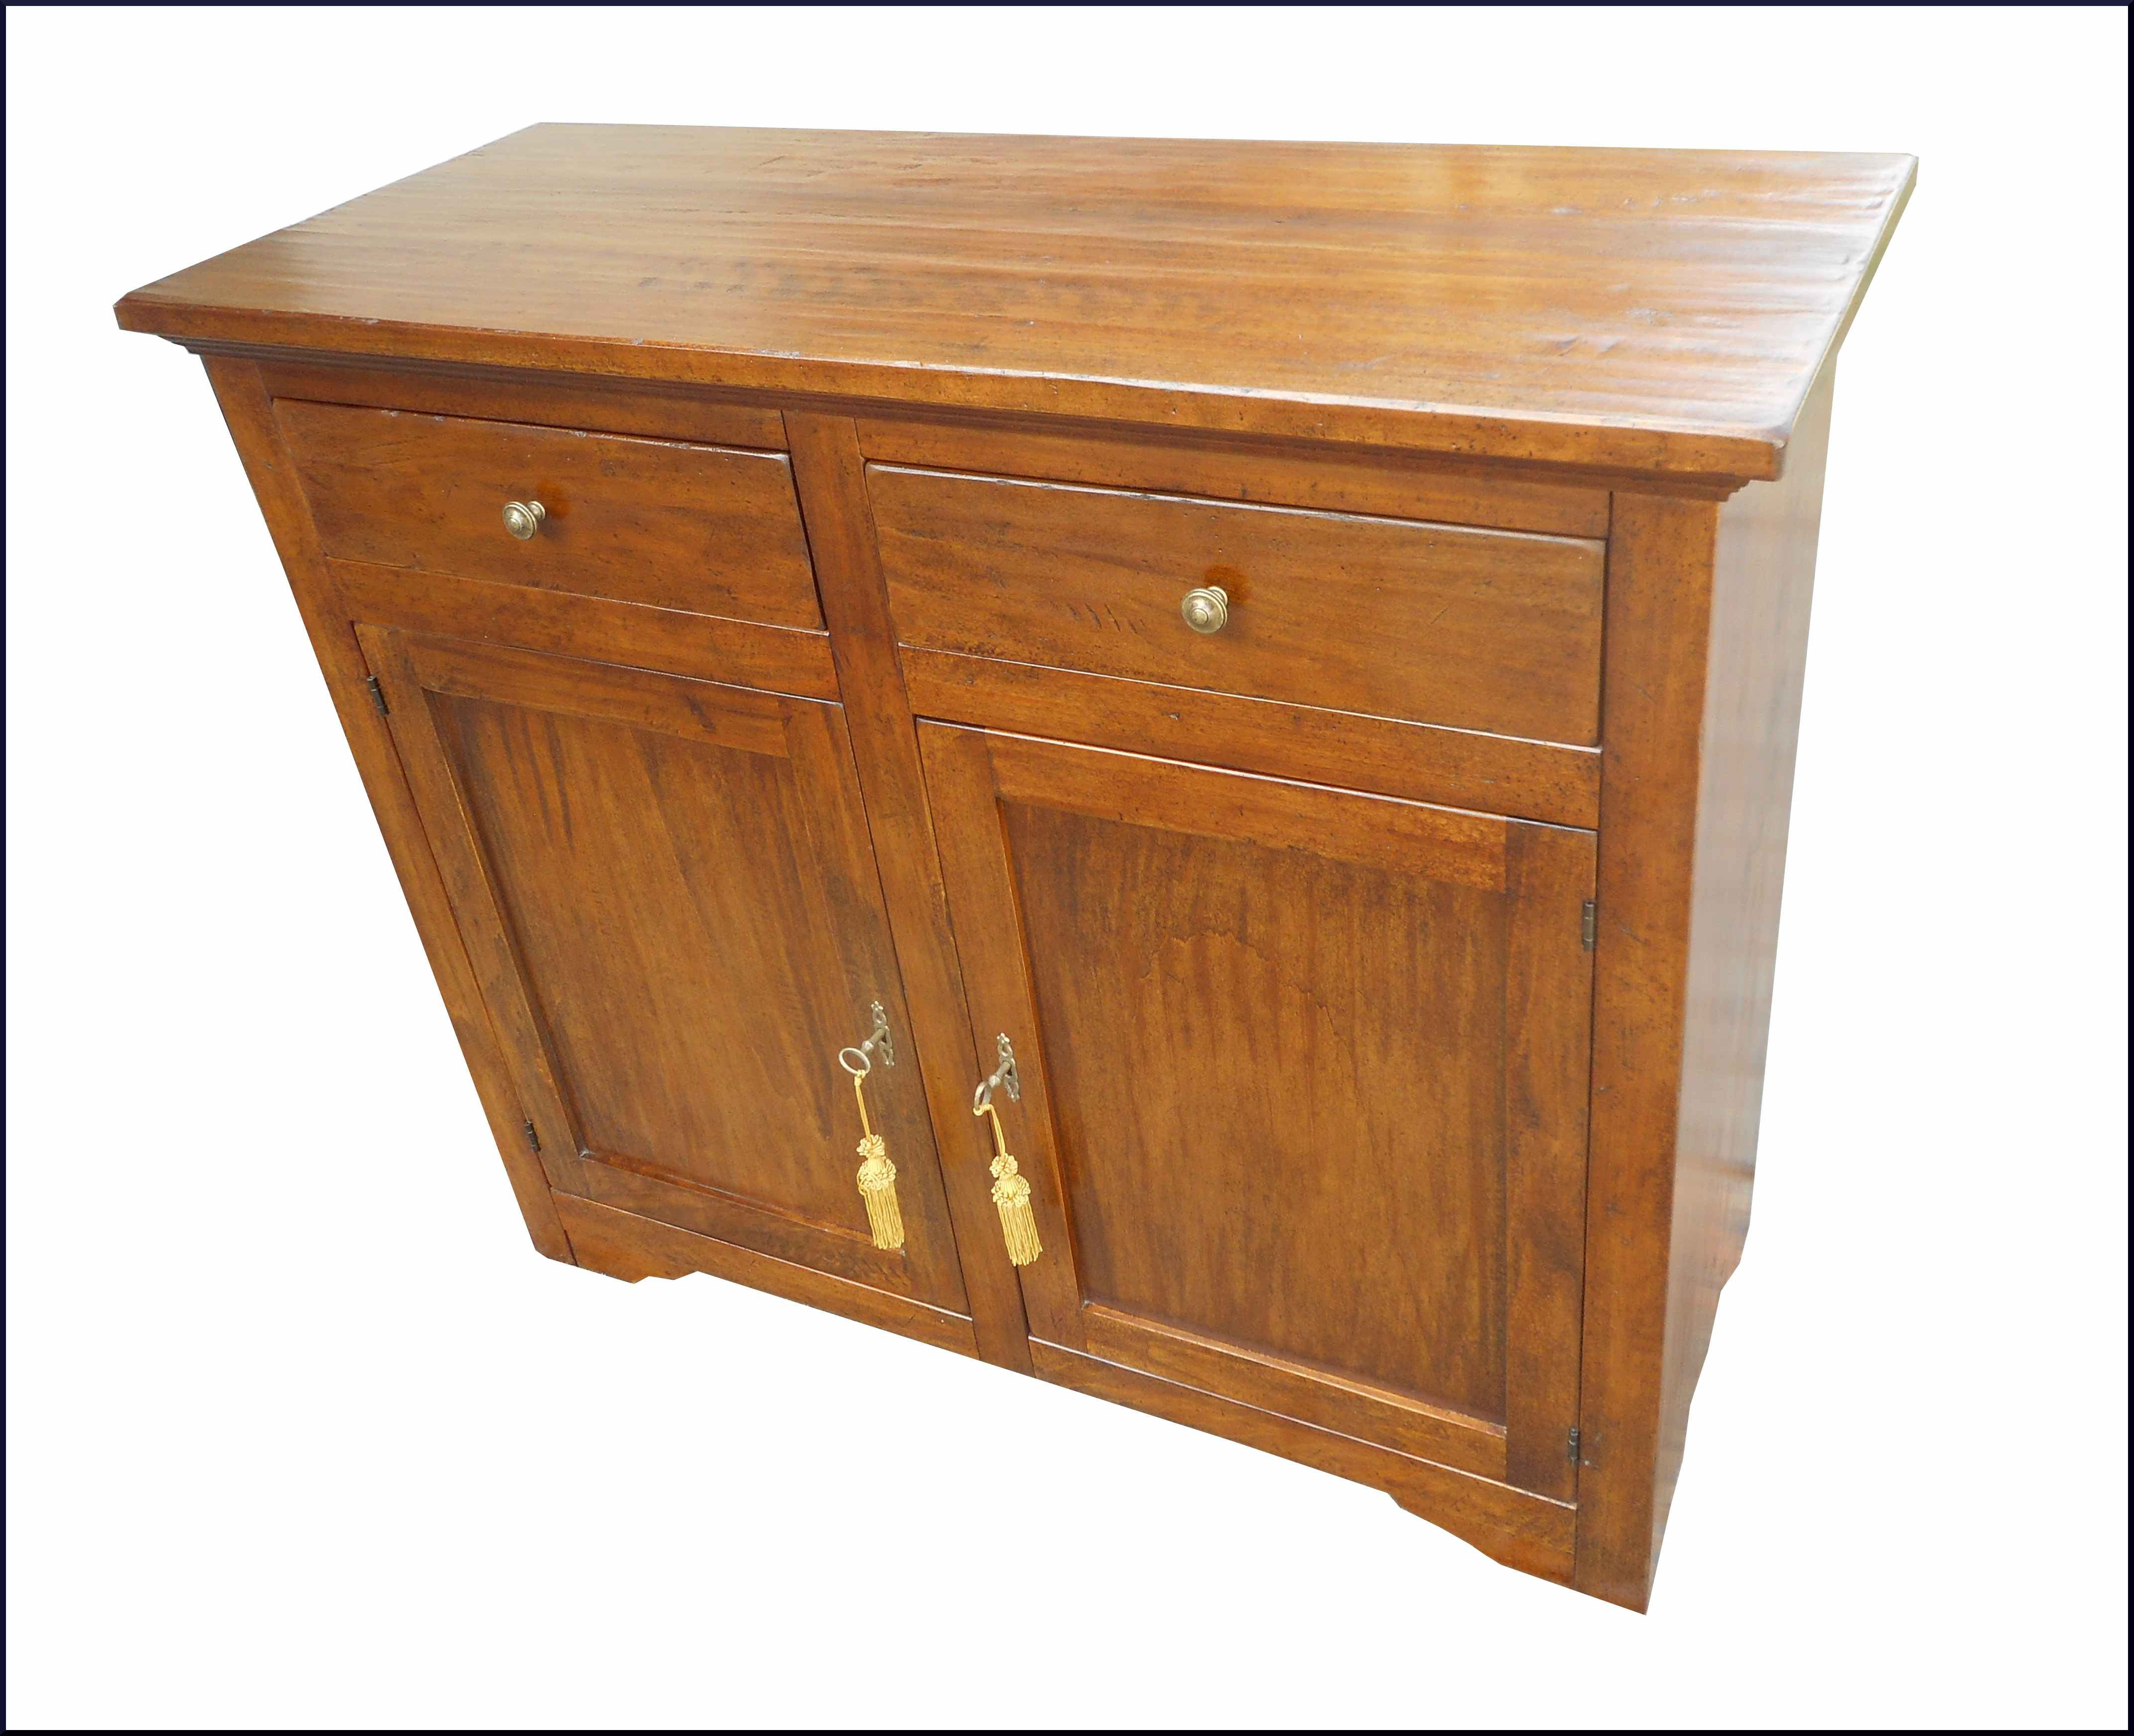 Mobile Credenza Rustica : Particolare credenza rustica in legno piallato e invecchiato con